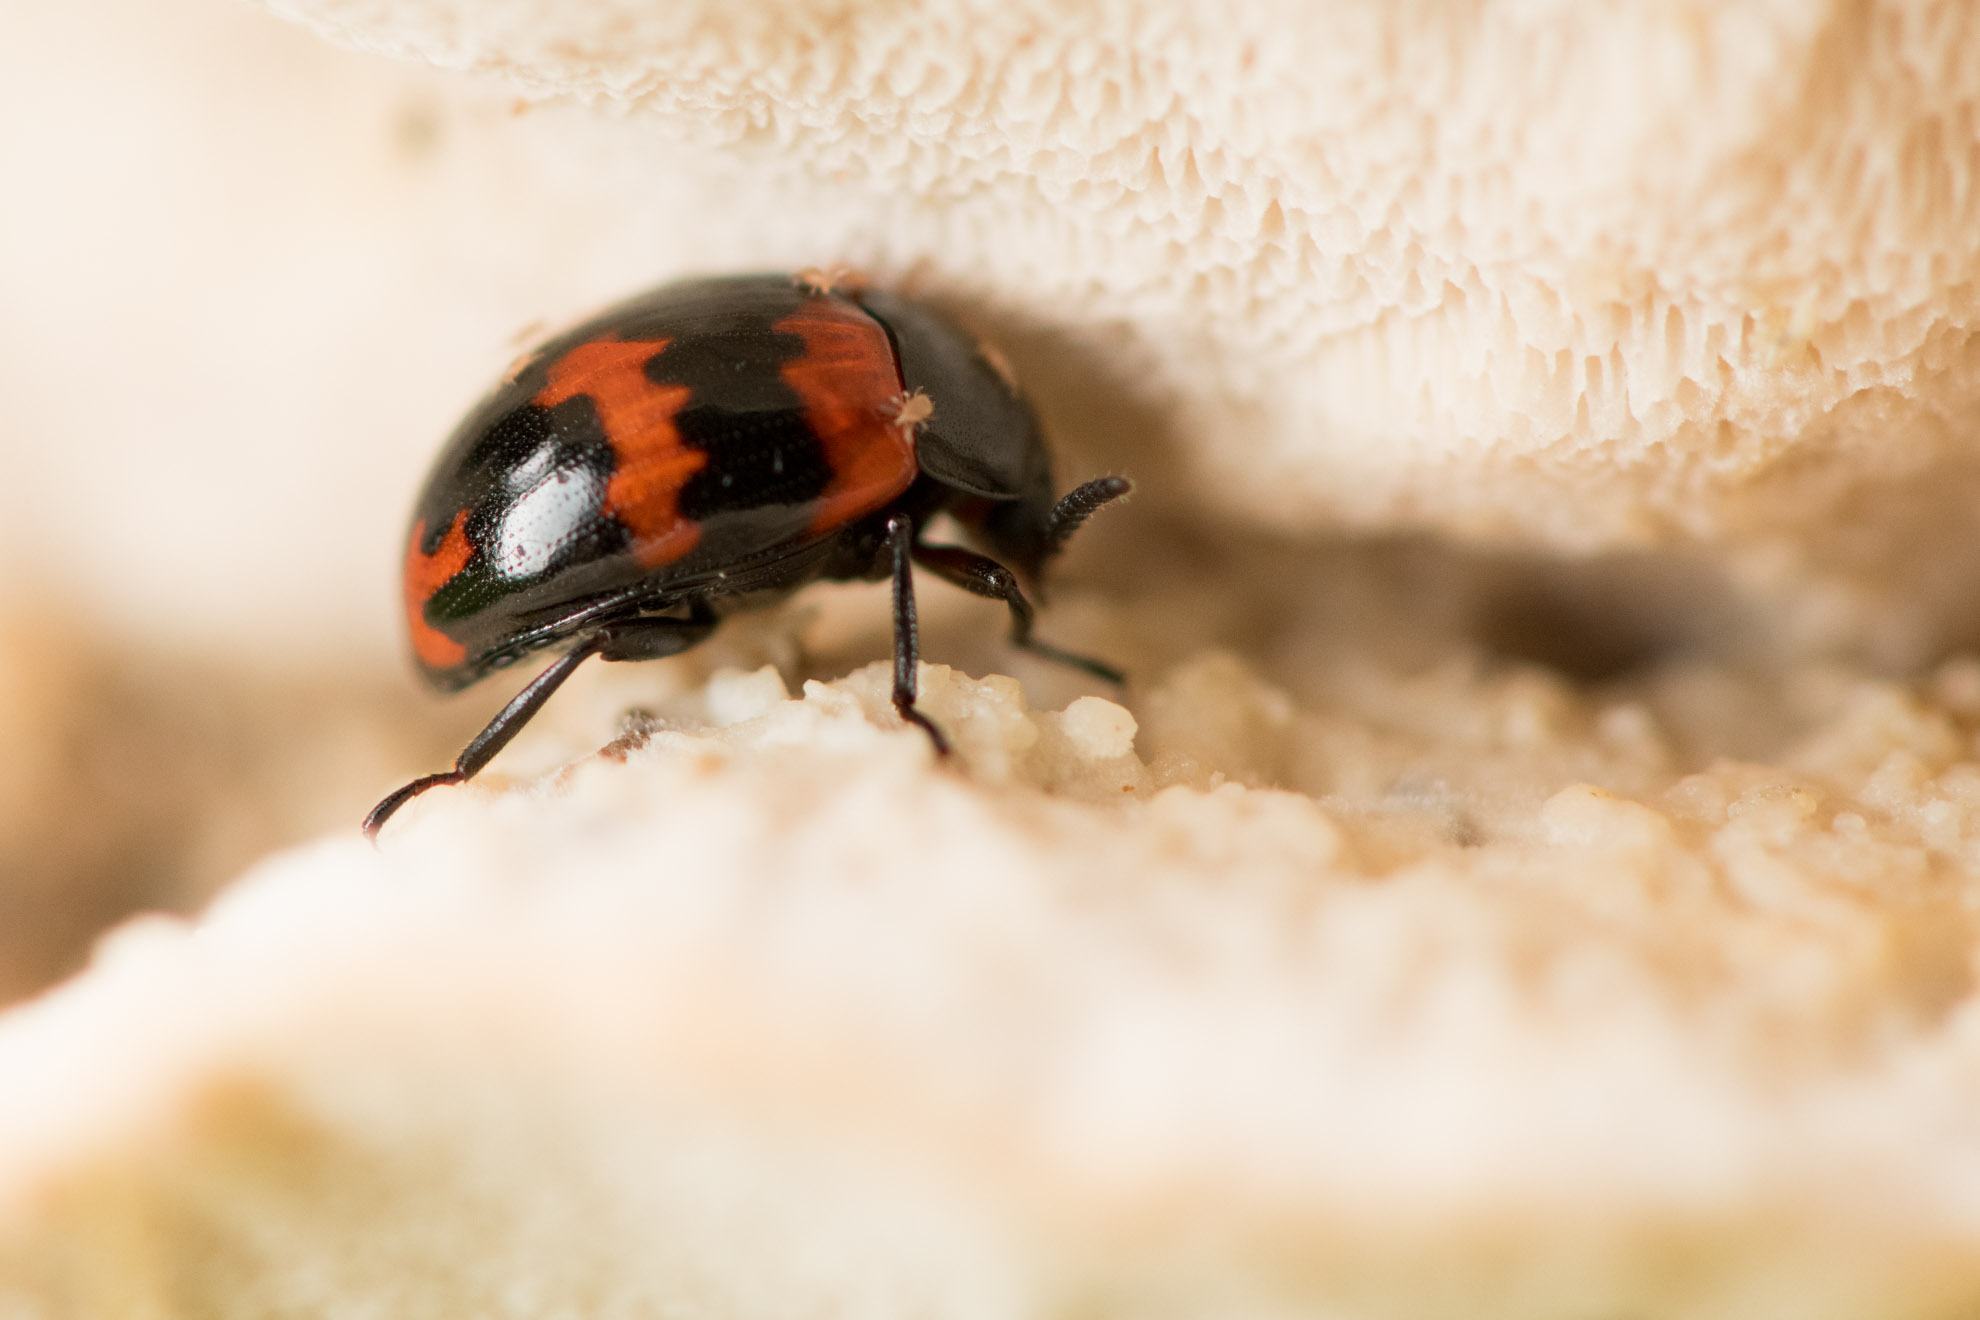 赤と黒の甲虫のモンキゴミムシダマシ